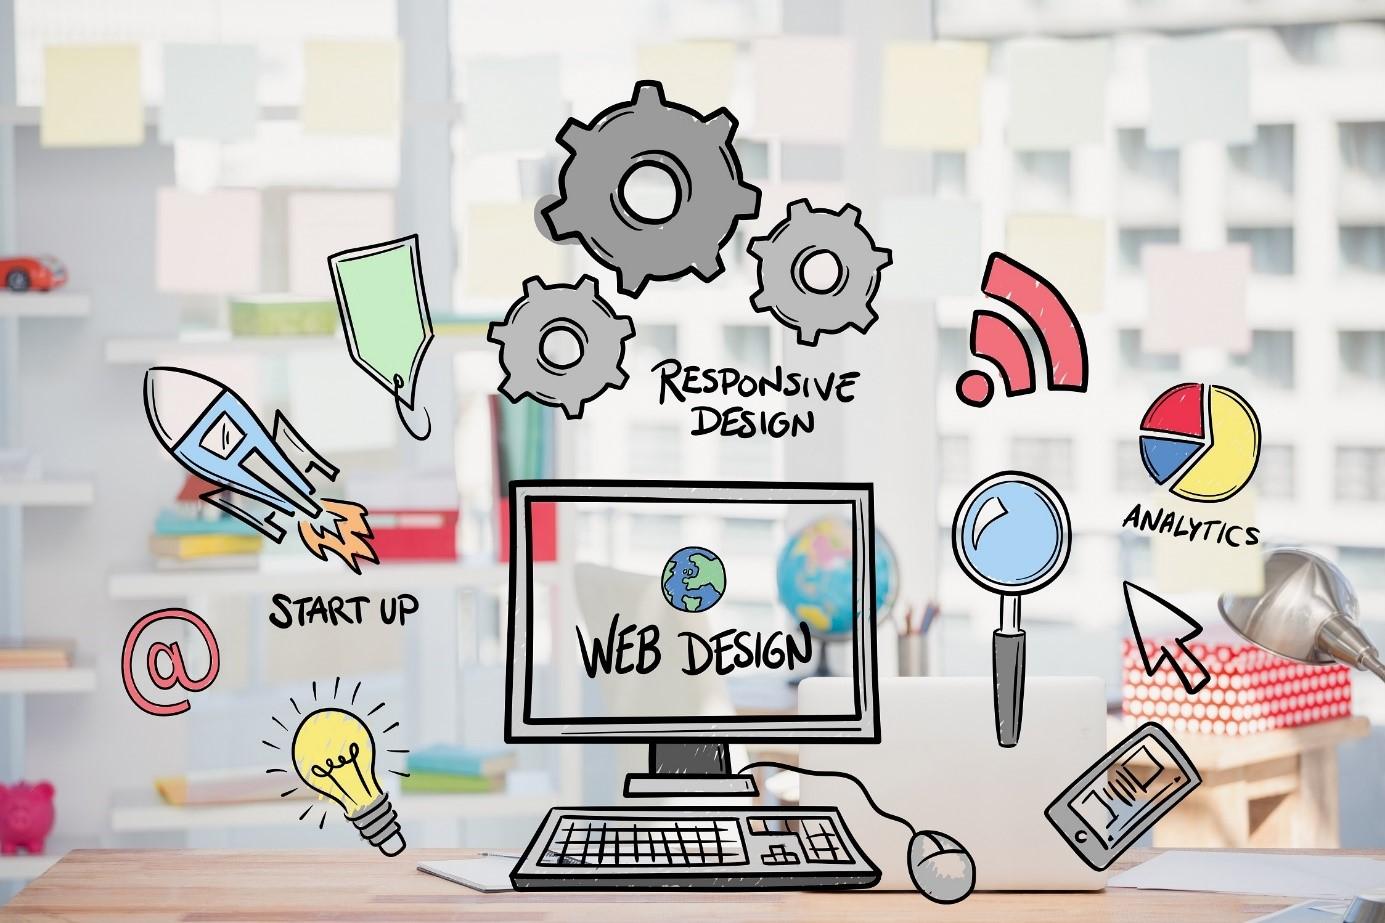 طراحی سایت | آشنایی با مشخصات یک سایت حرفهای + روش مطمئن برای سفارش